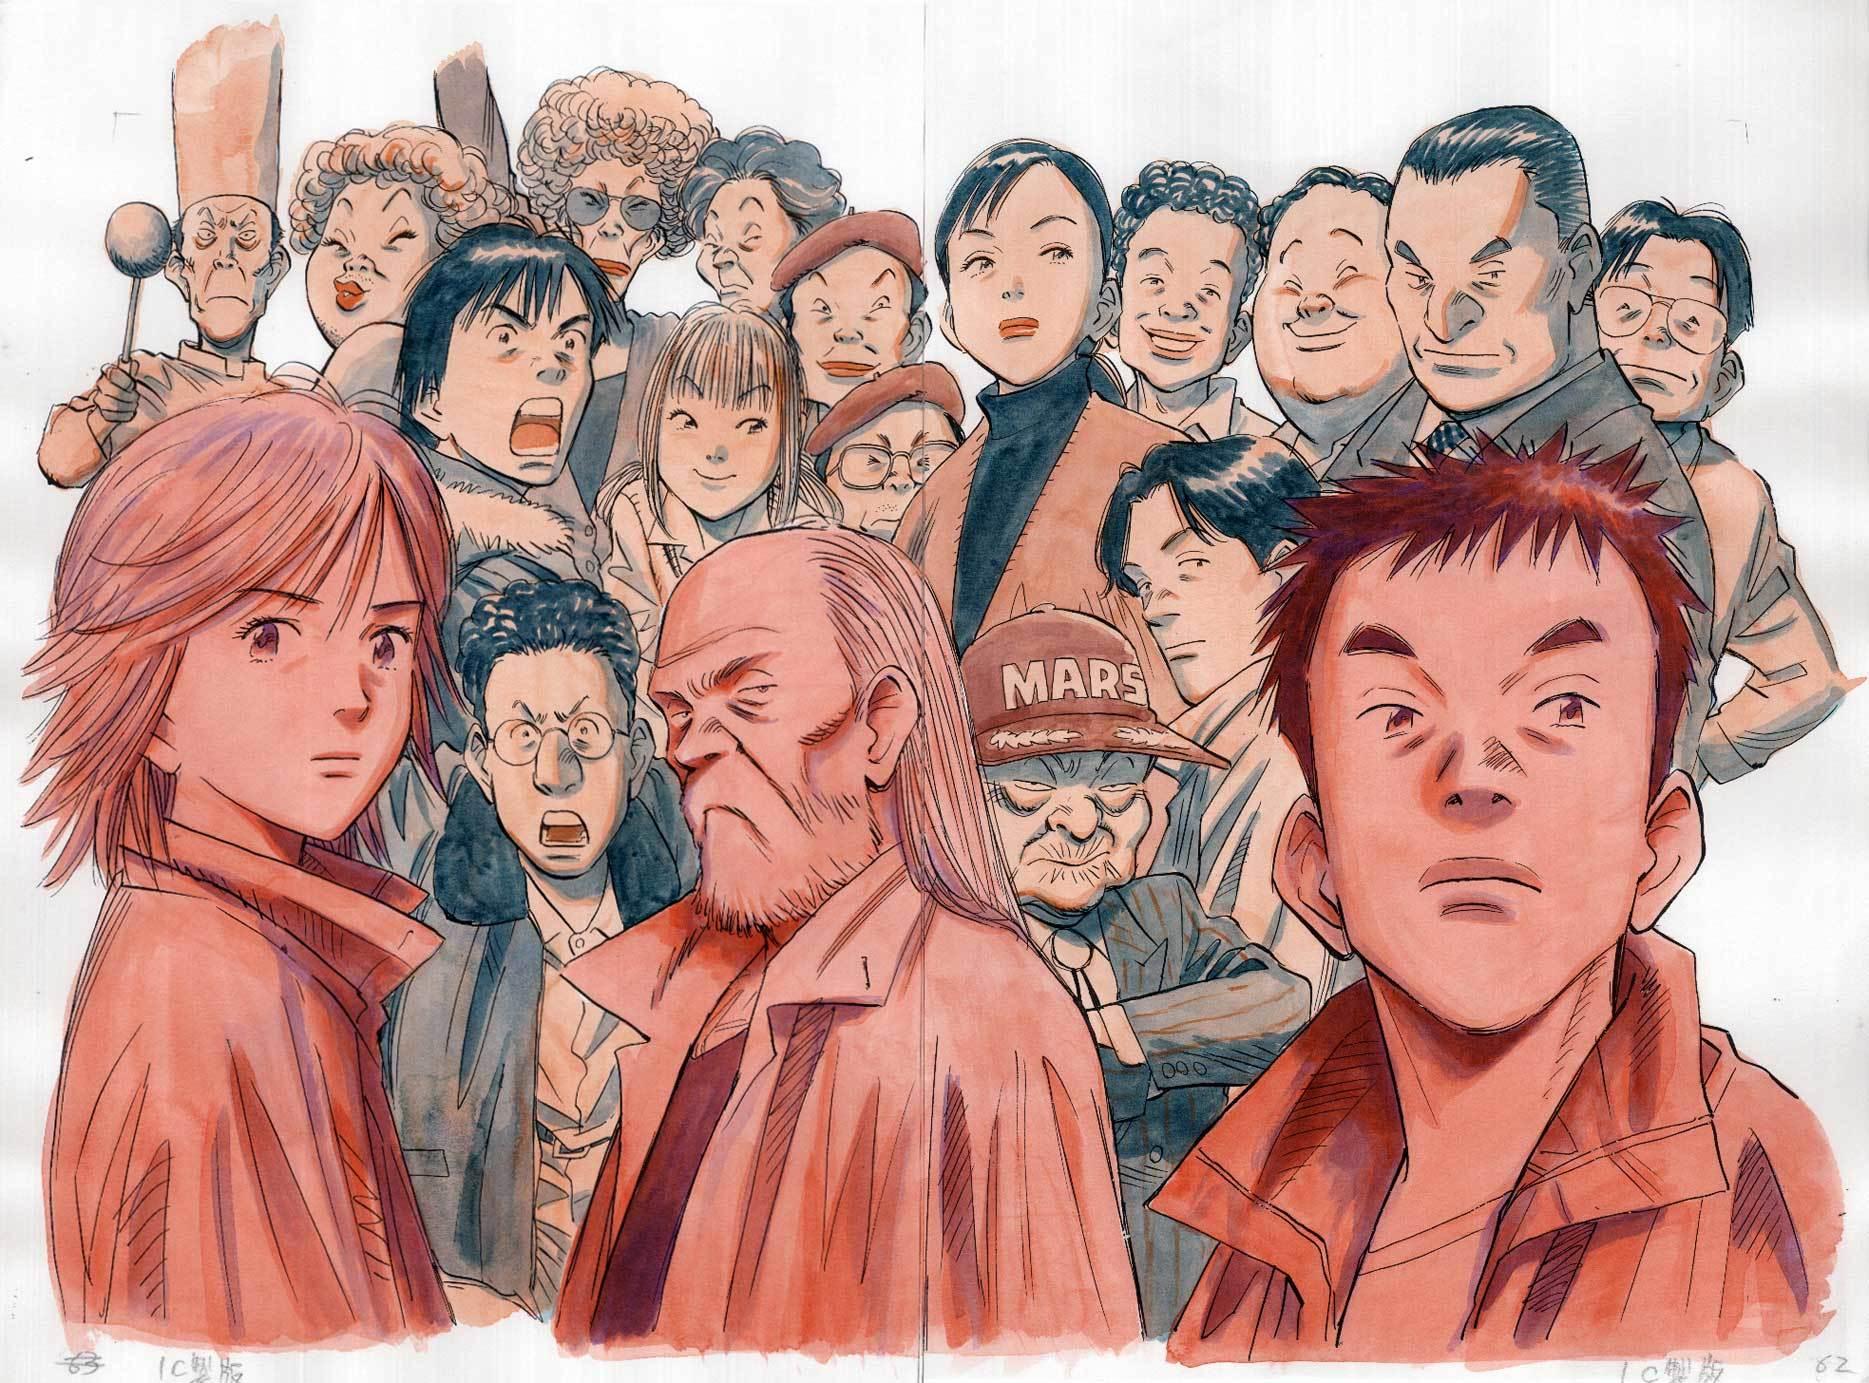 『20世紀少年』(C)浦沢直樹・スタジオナッツ